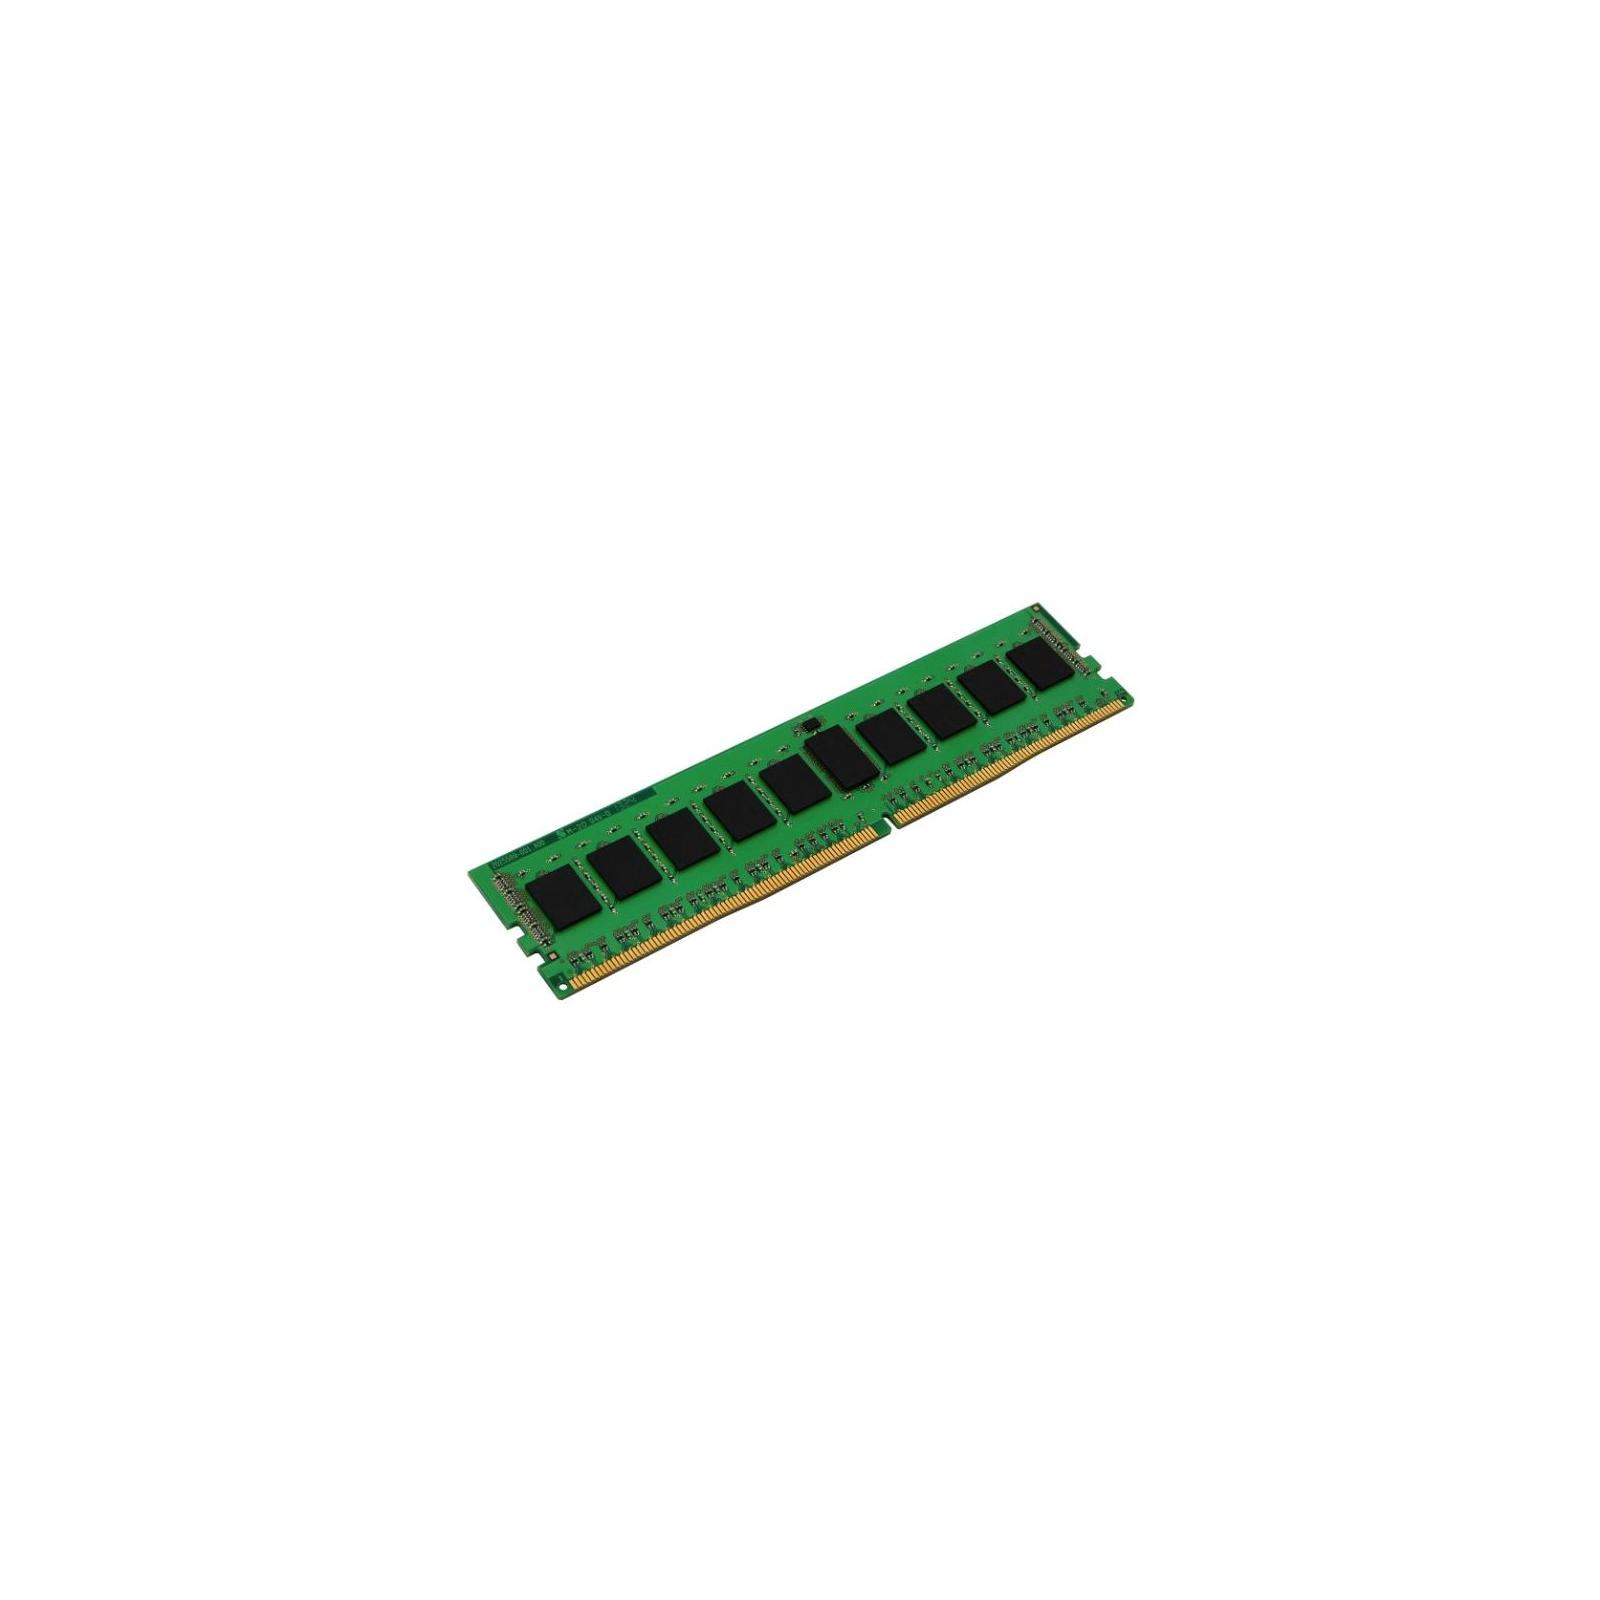 Модуль памяти для сервера DDR4 16GB ECC UDIMM 2400MHz 2Rx8 1.2V CL17 Kingston (KVR24E17D8/16)